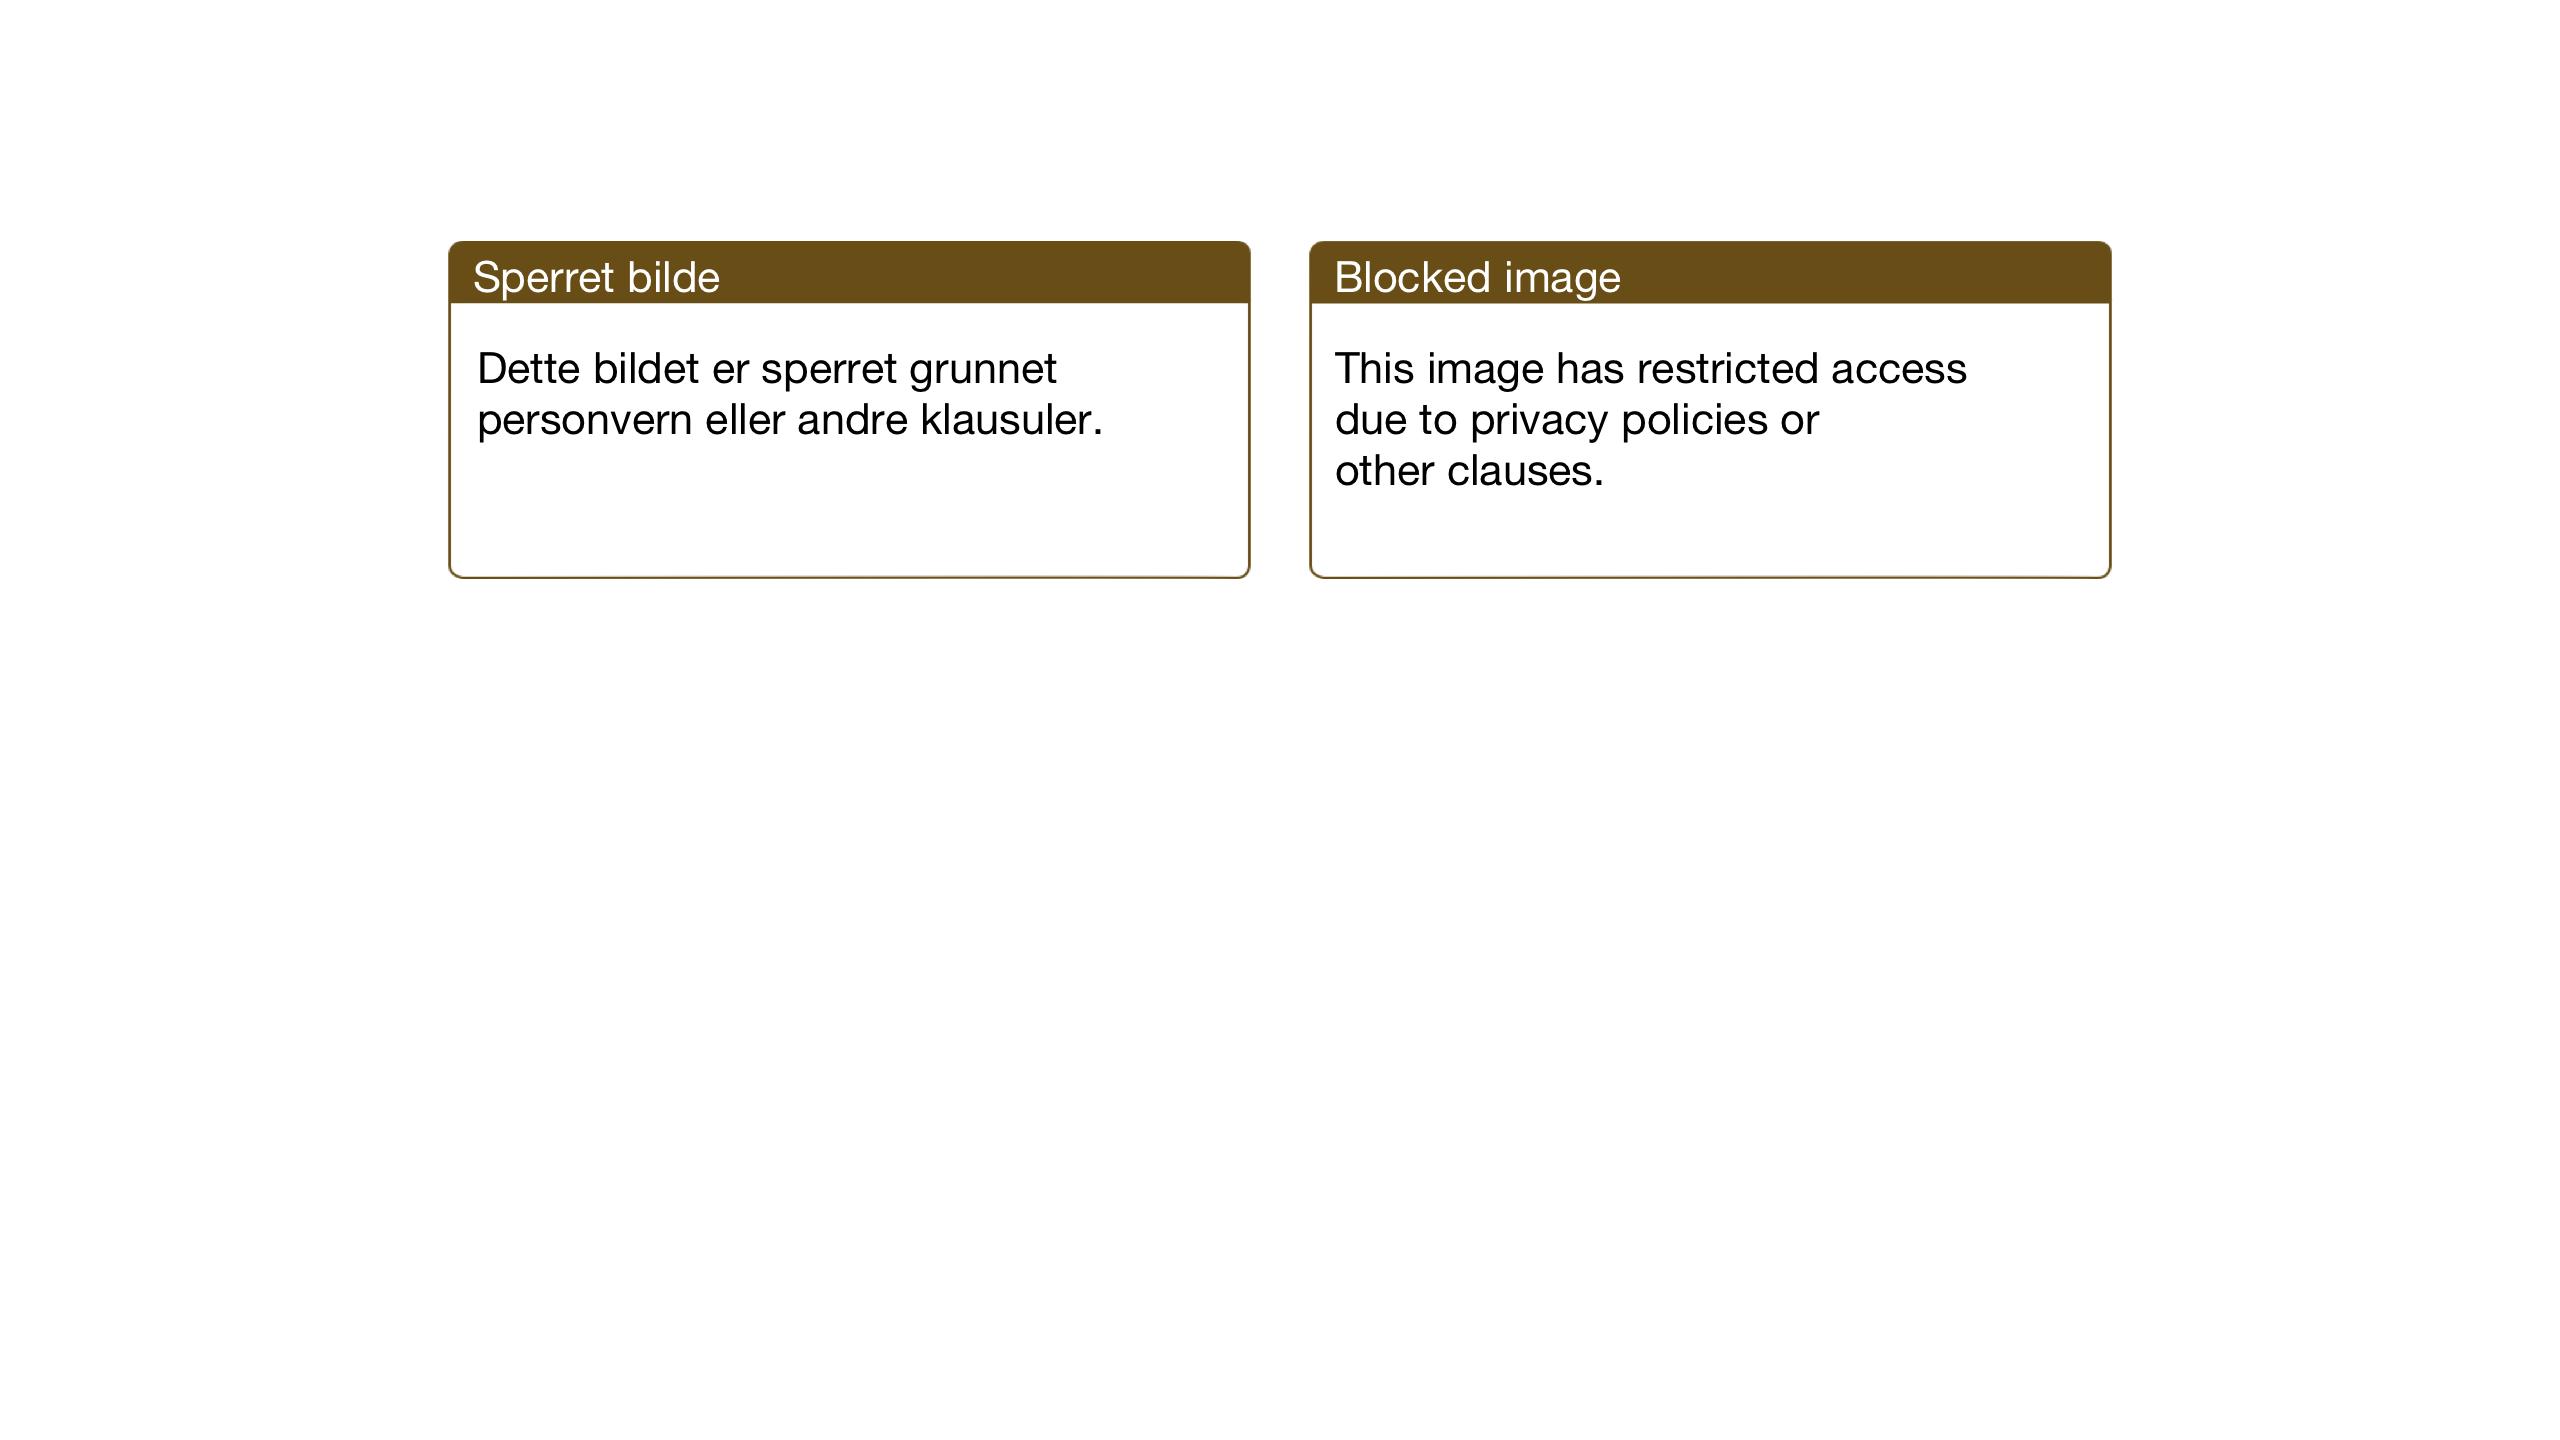 SAT, Ministerialprotokoller, klokkerbøker og fødselsregistre - Sør-Trøndelag, 669/L0832: Klokkerbok nr. 669C02, 1925-1953, s. 230